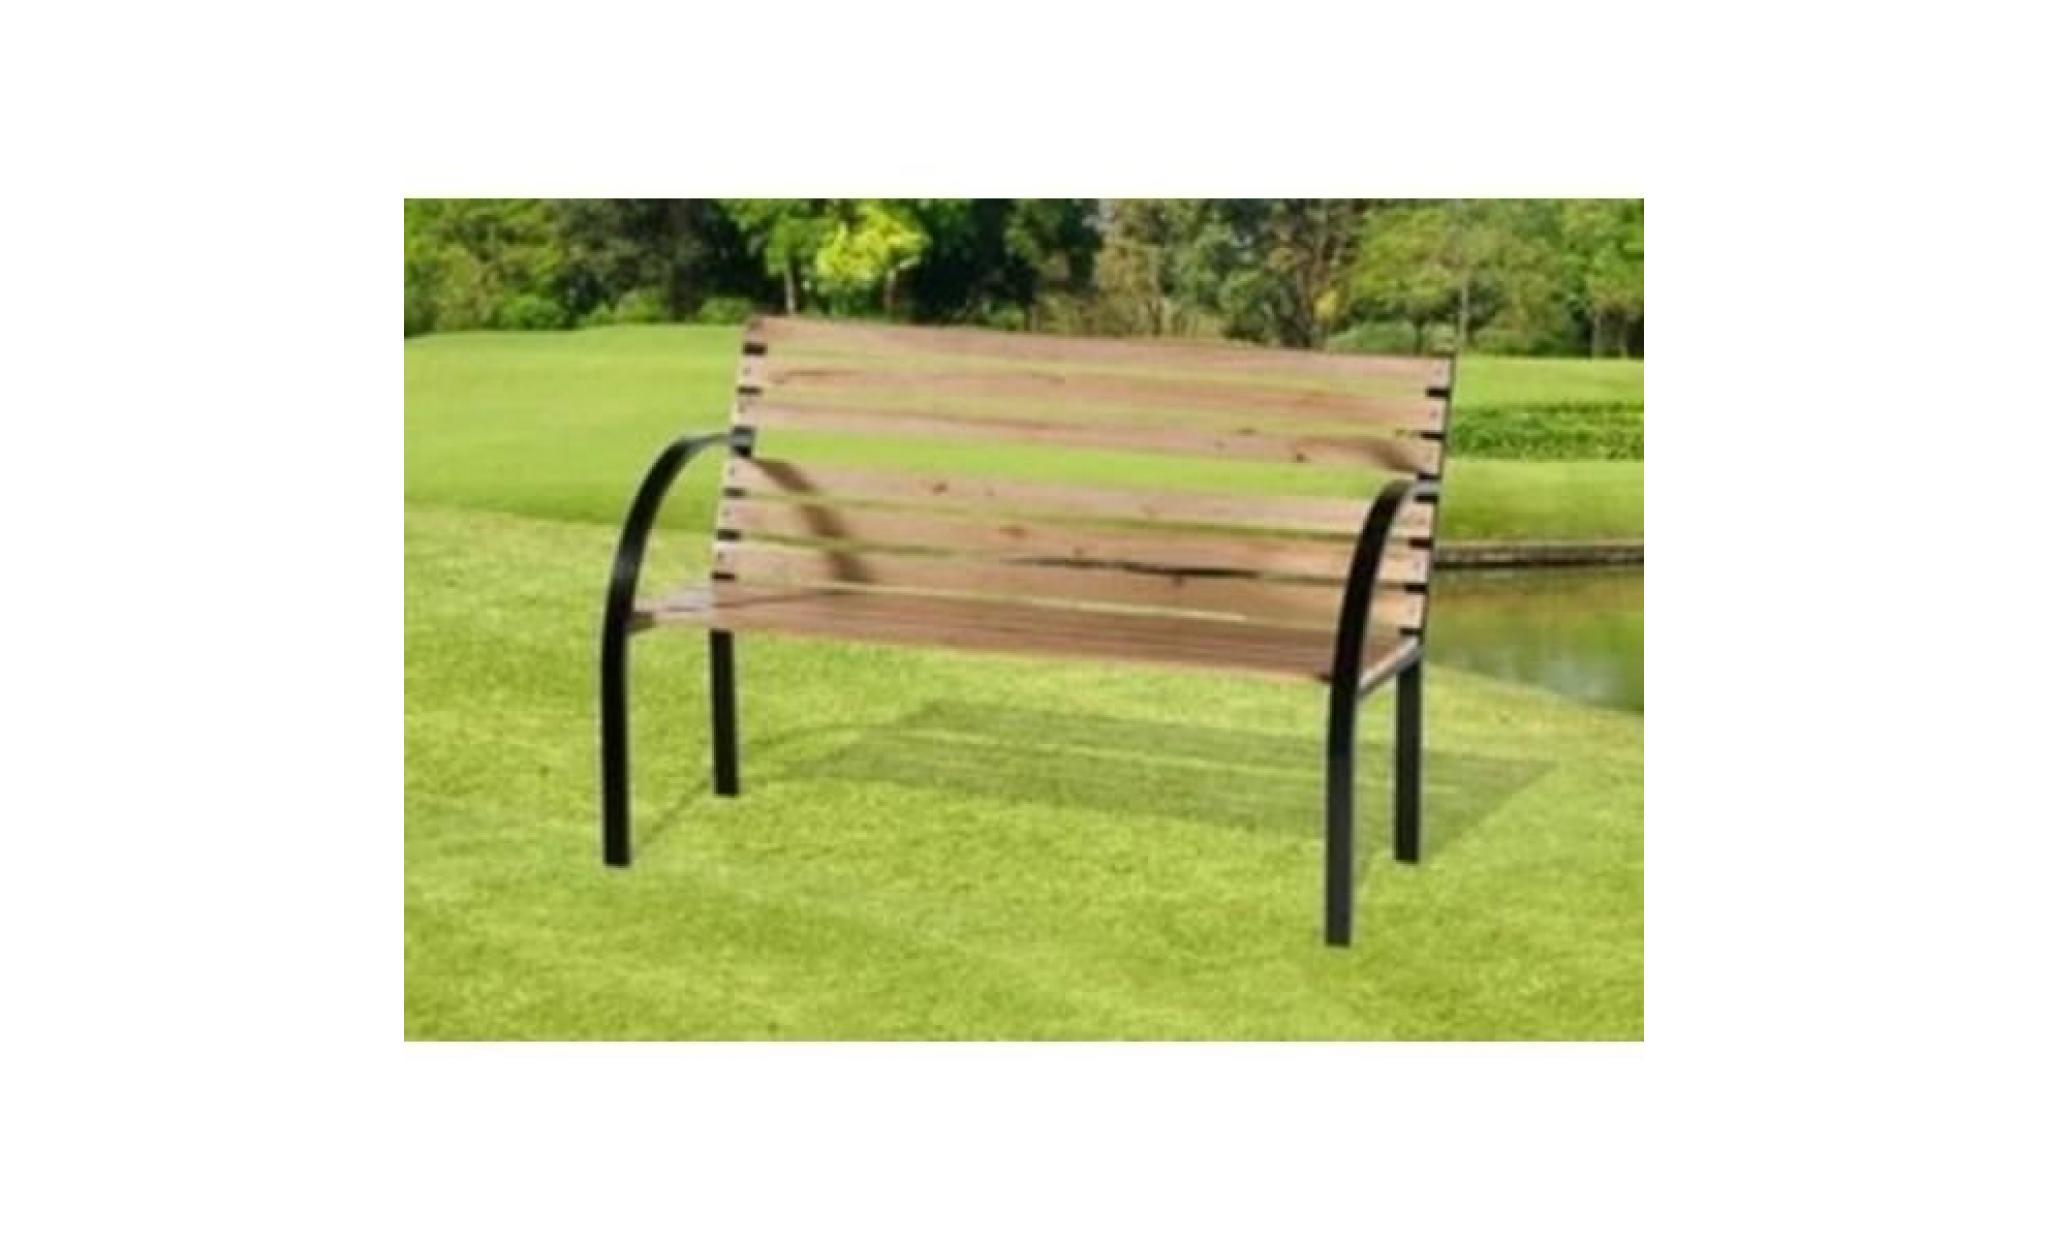 banc de jardin en bois et métal Achat Vente banc de jardin en bois pas cher Coindujardin com # Banc En Bois De Jardin